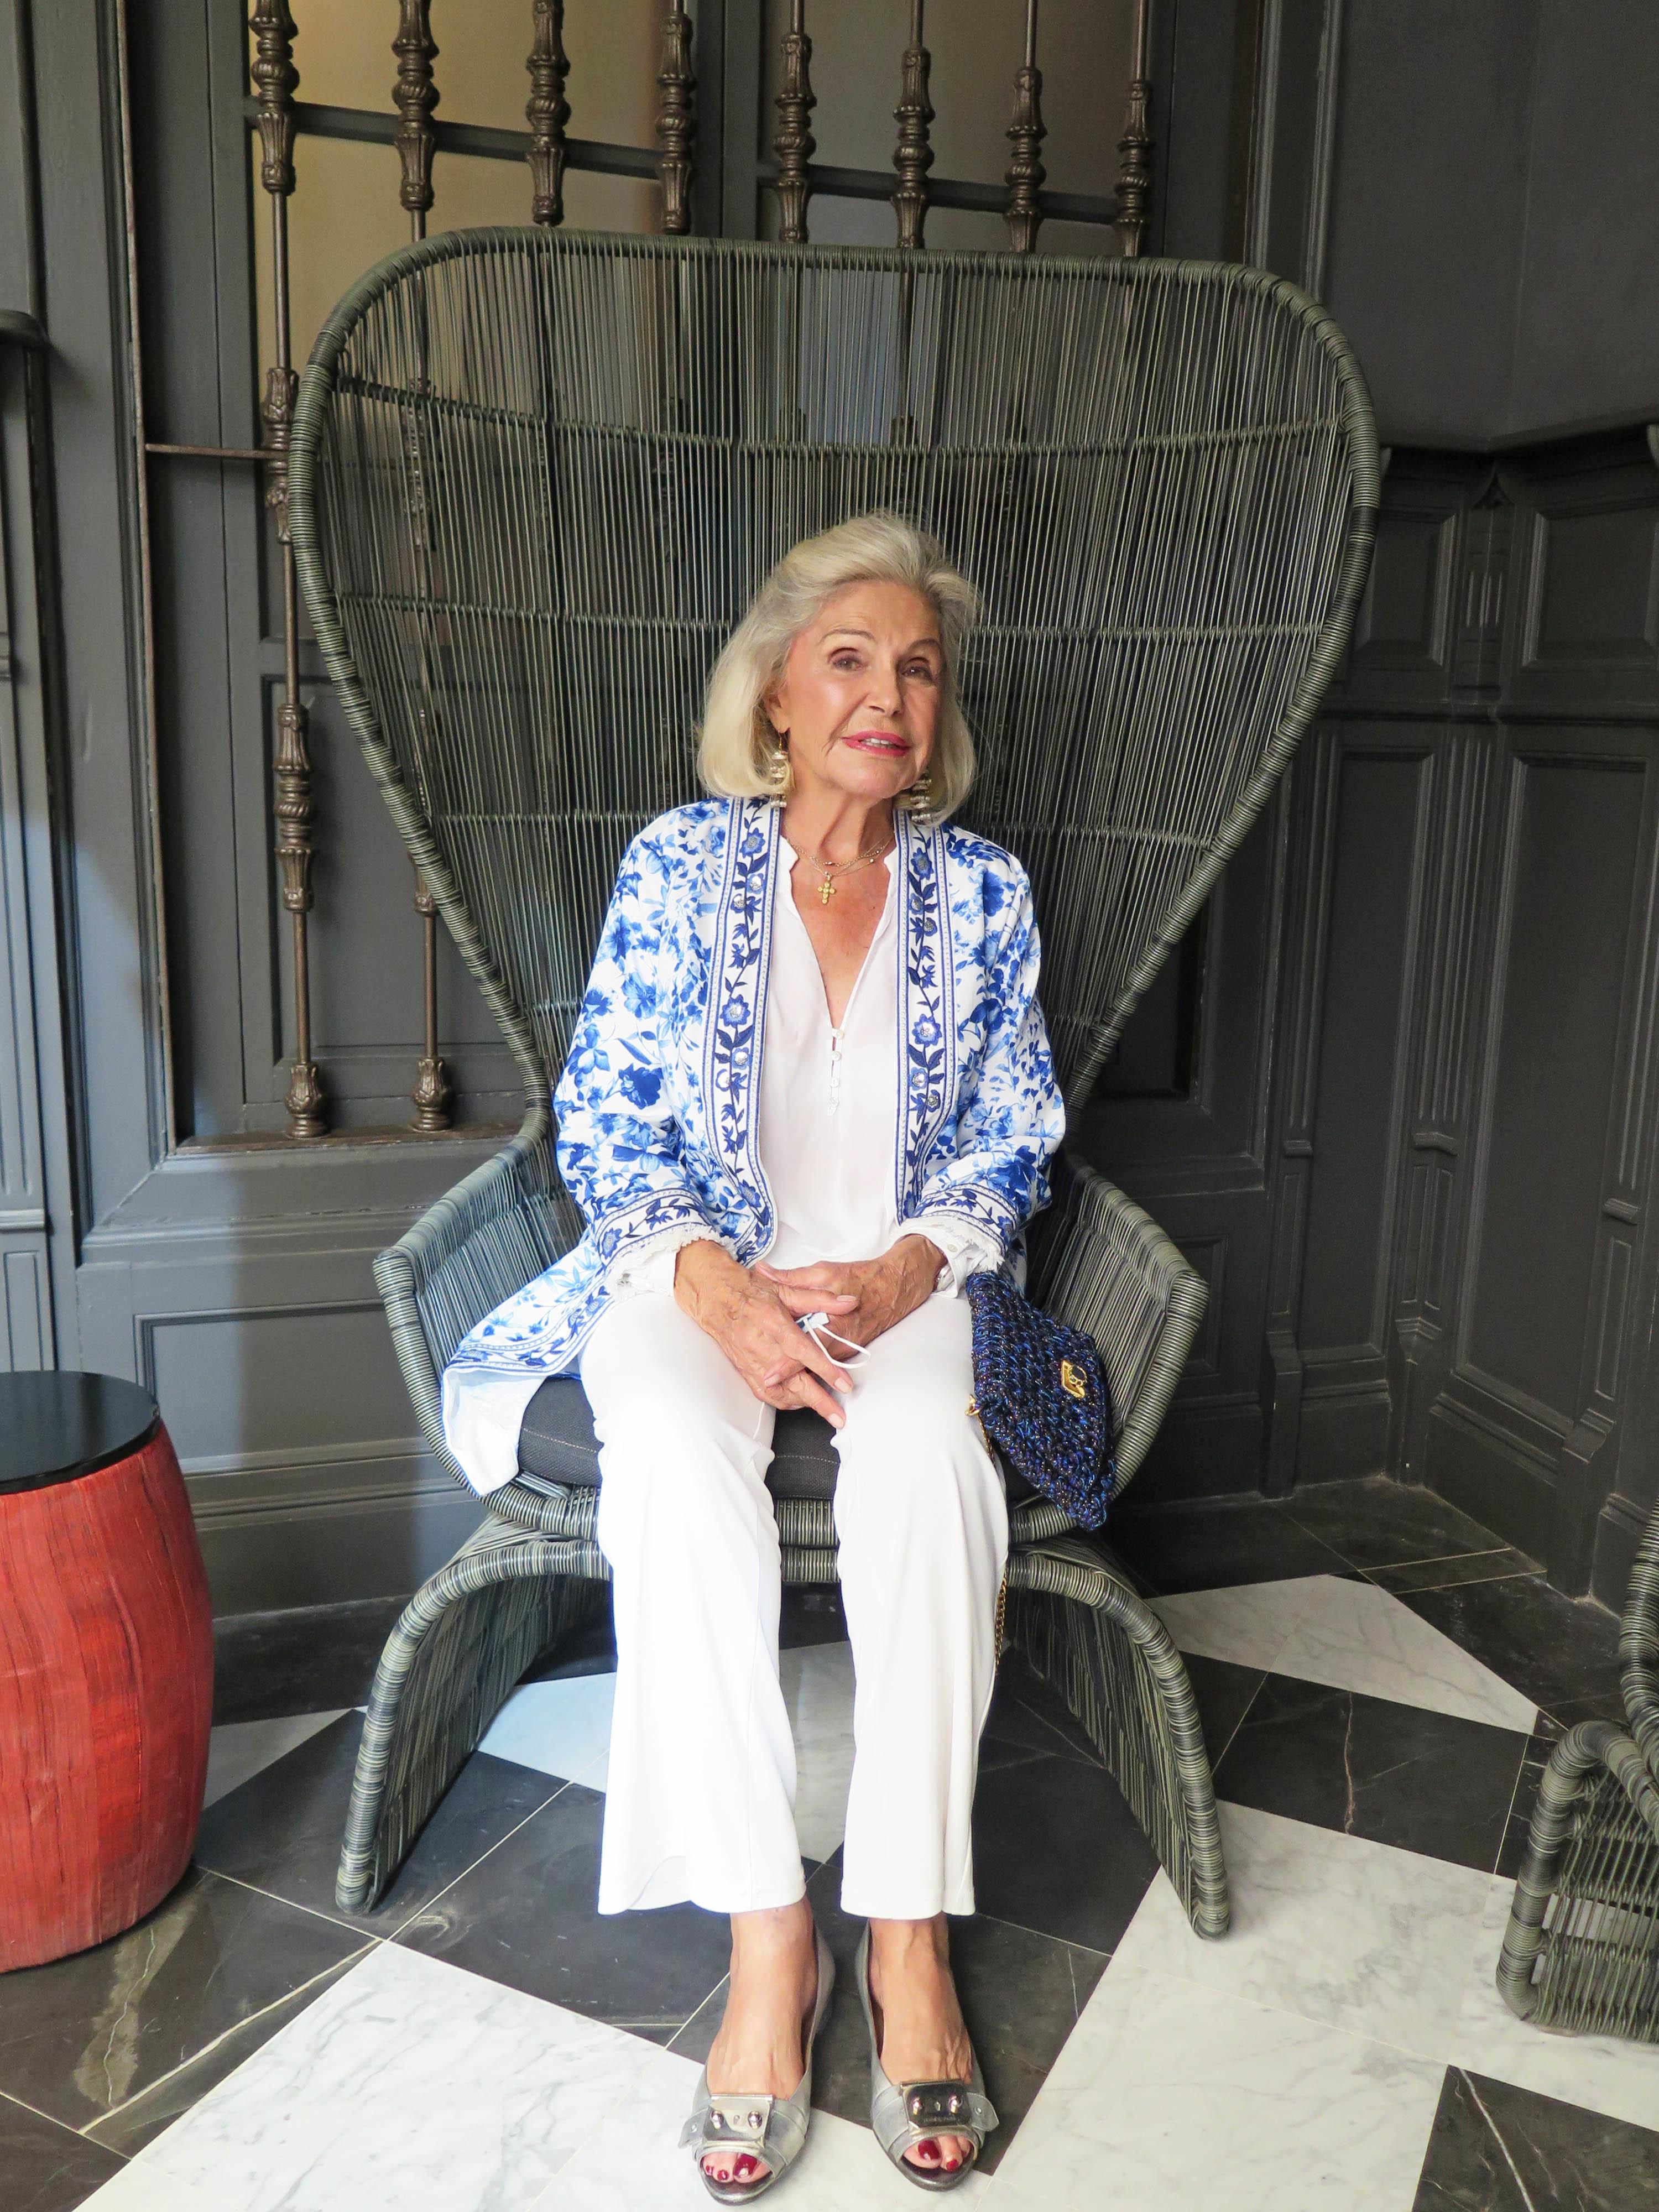 Béatrice d'Orléans, este 2021, en el evento organizado por Luxury Spain.